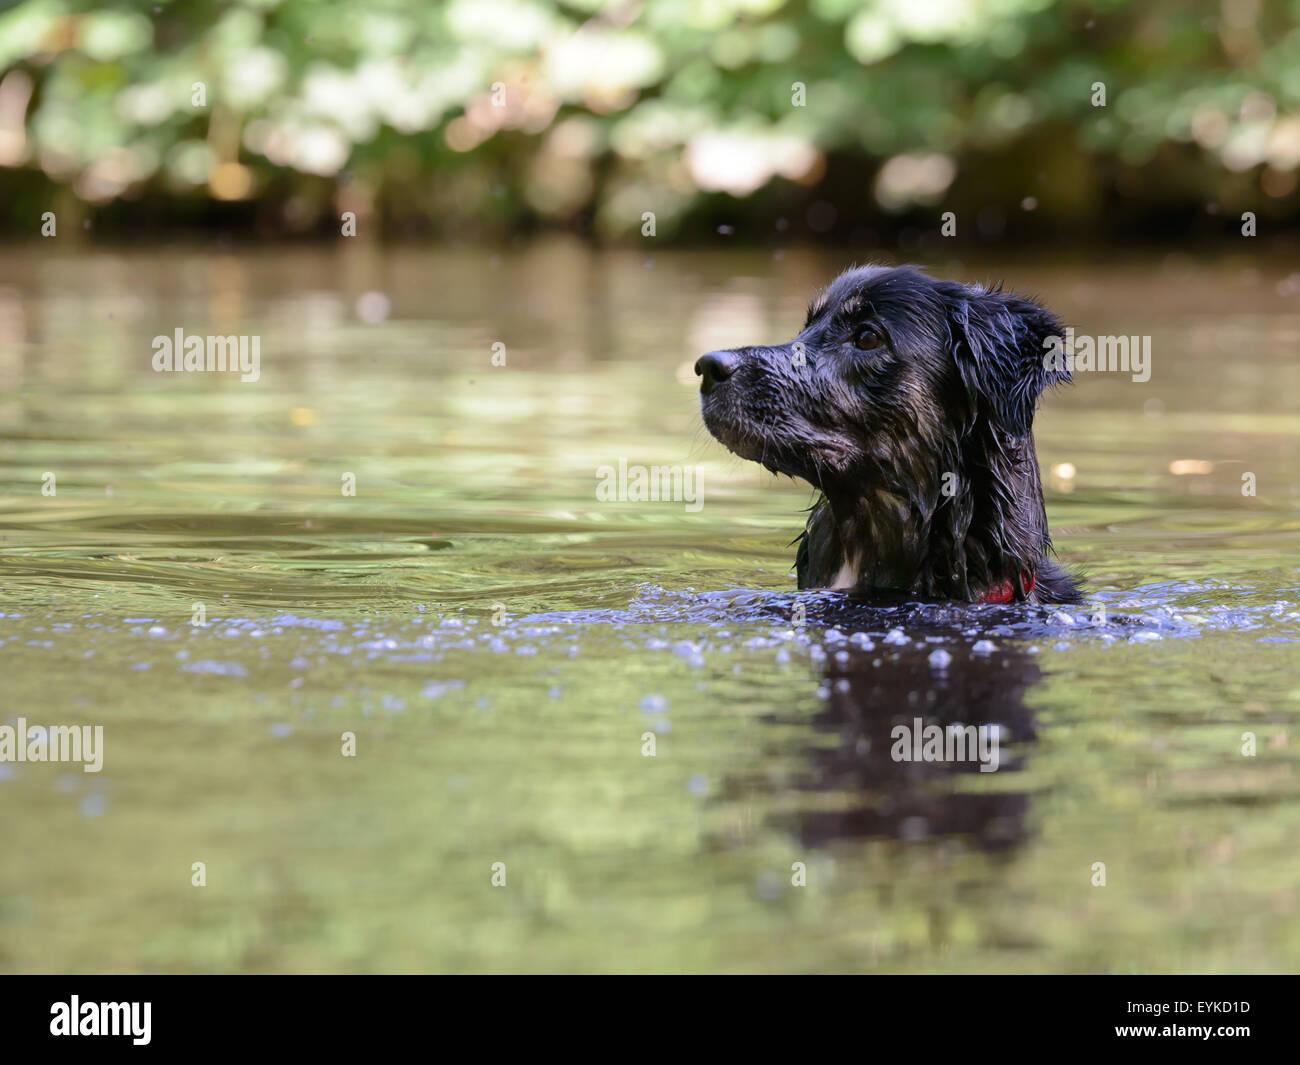 Collie perro cruzar nadando en el lago esperando a ser arrojados de juguete Imagen De Stock